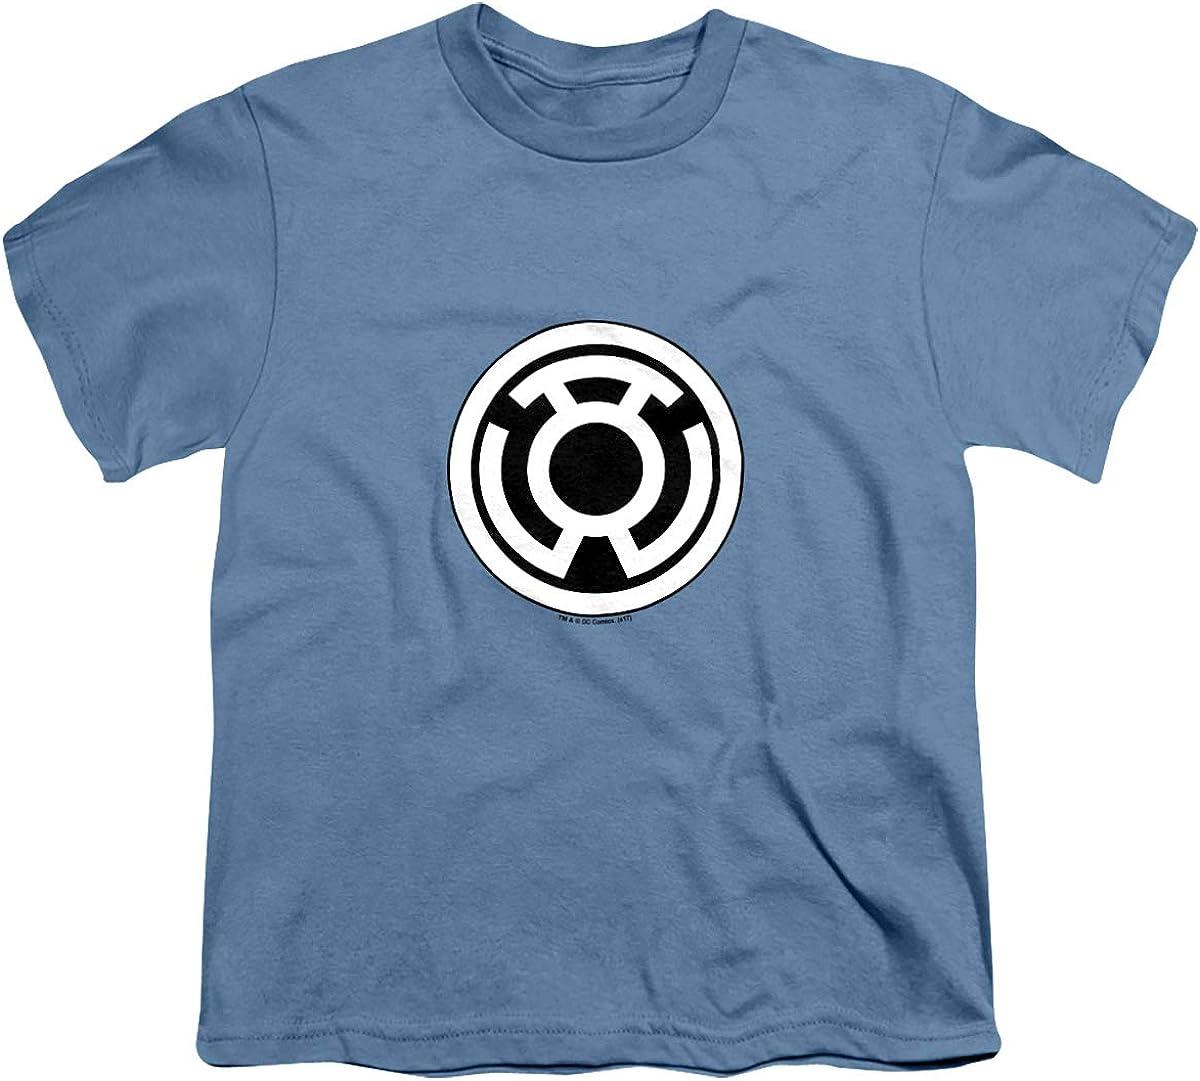 Green Lantern Sinestro Corps Logo Unisex Youth T Shirt, Carolina Blue, Large